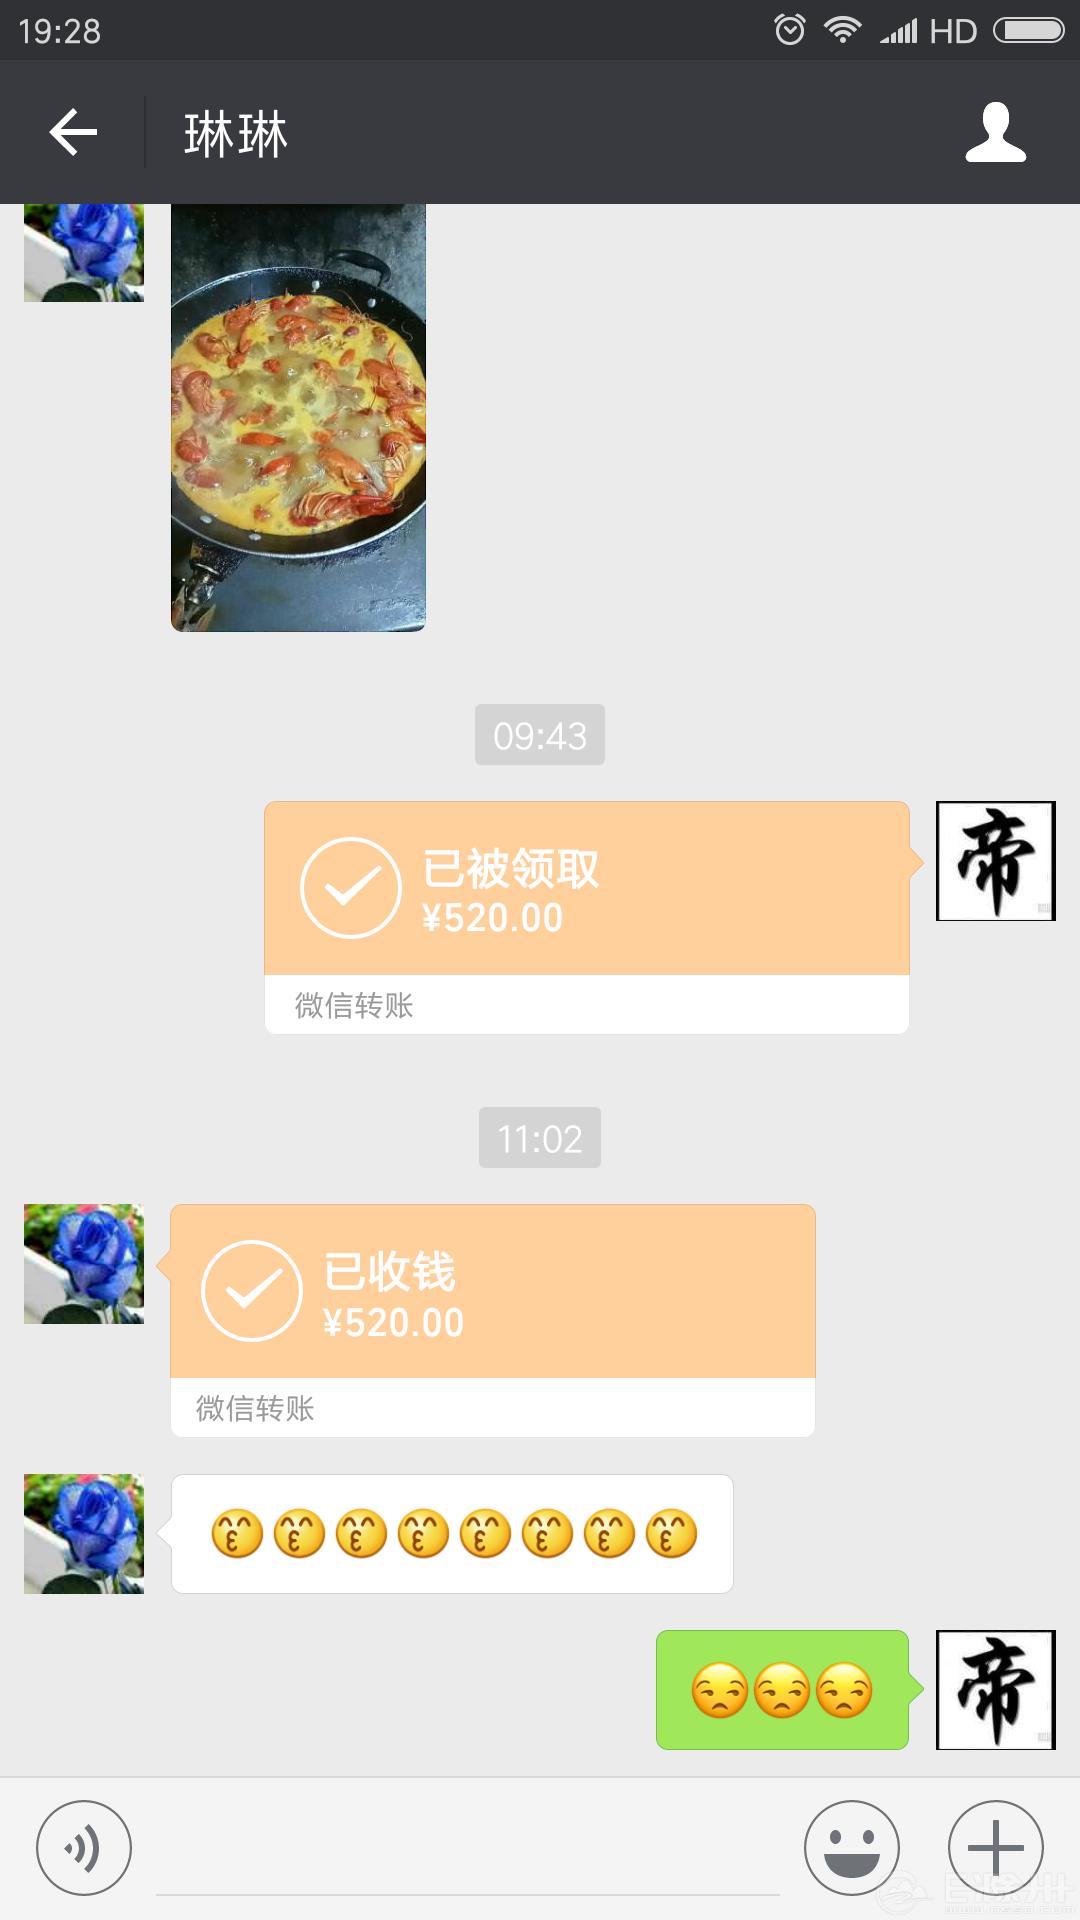 Screenshot_2018-05-20-19-28-18-935_com.tencent.mm.png